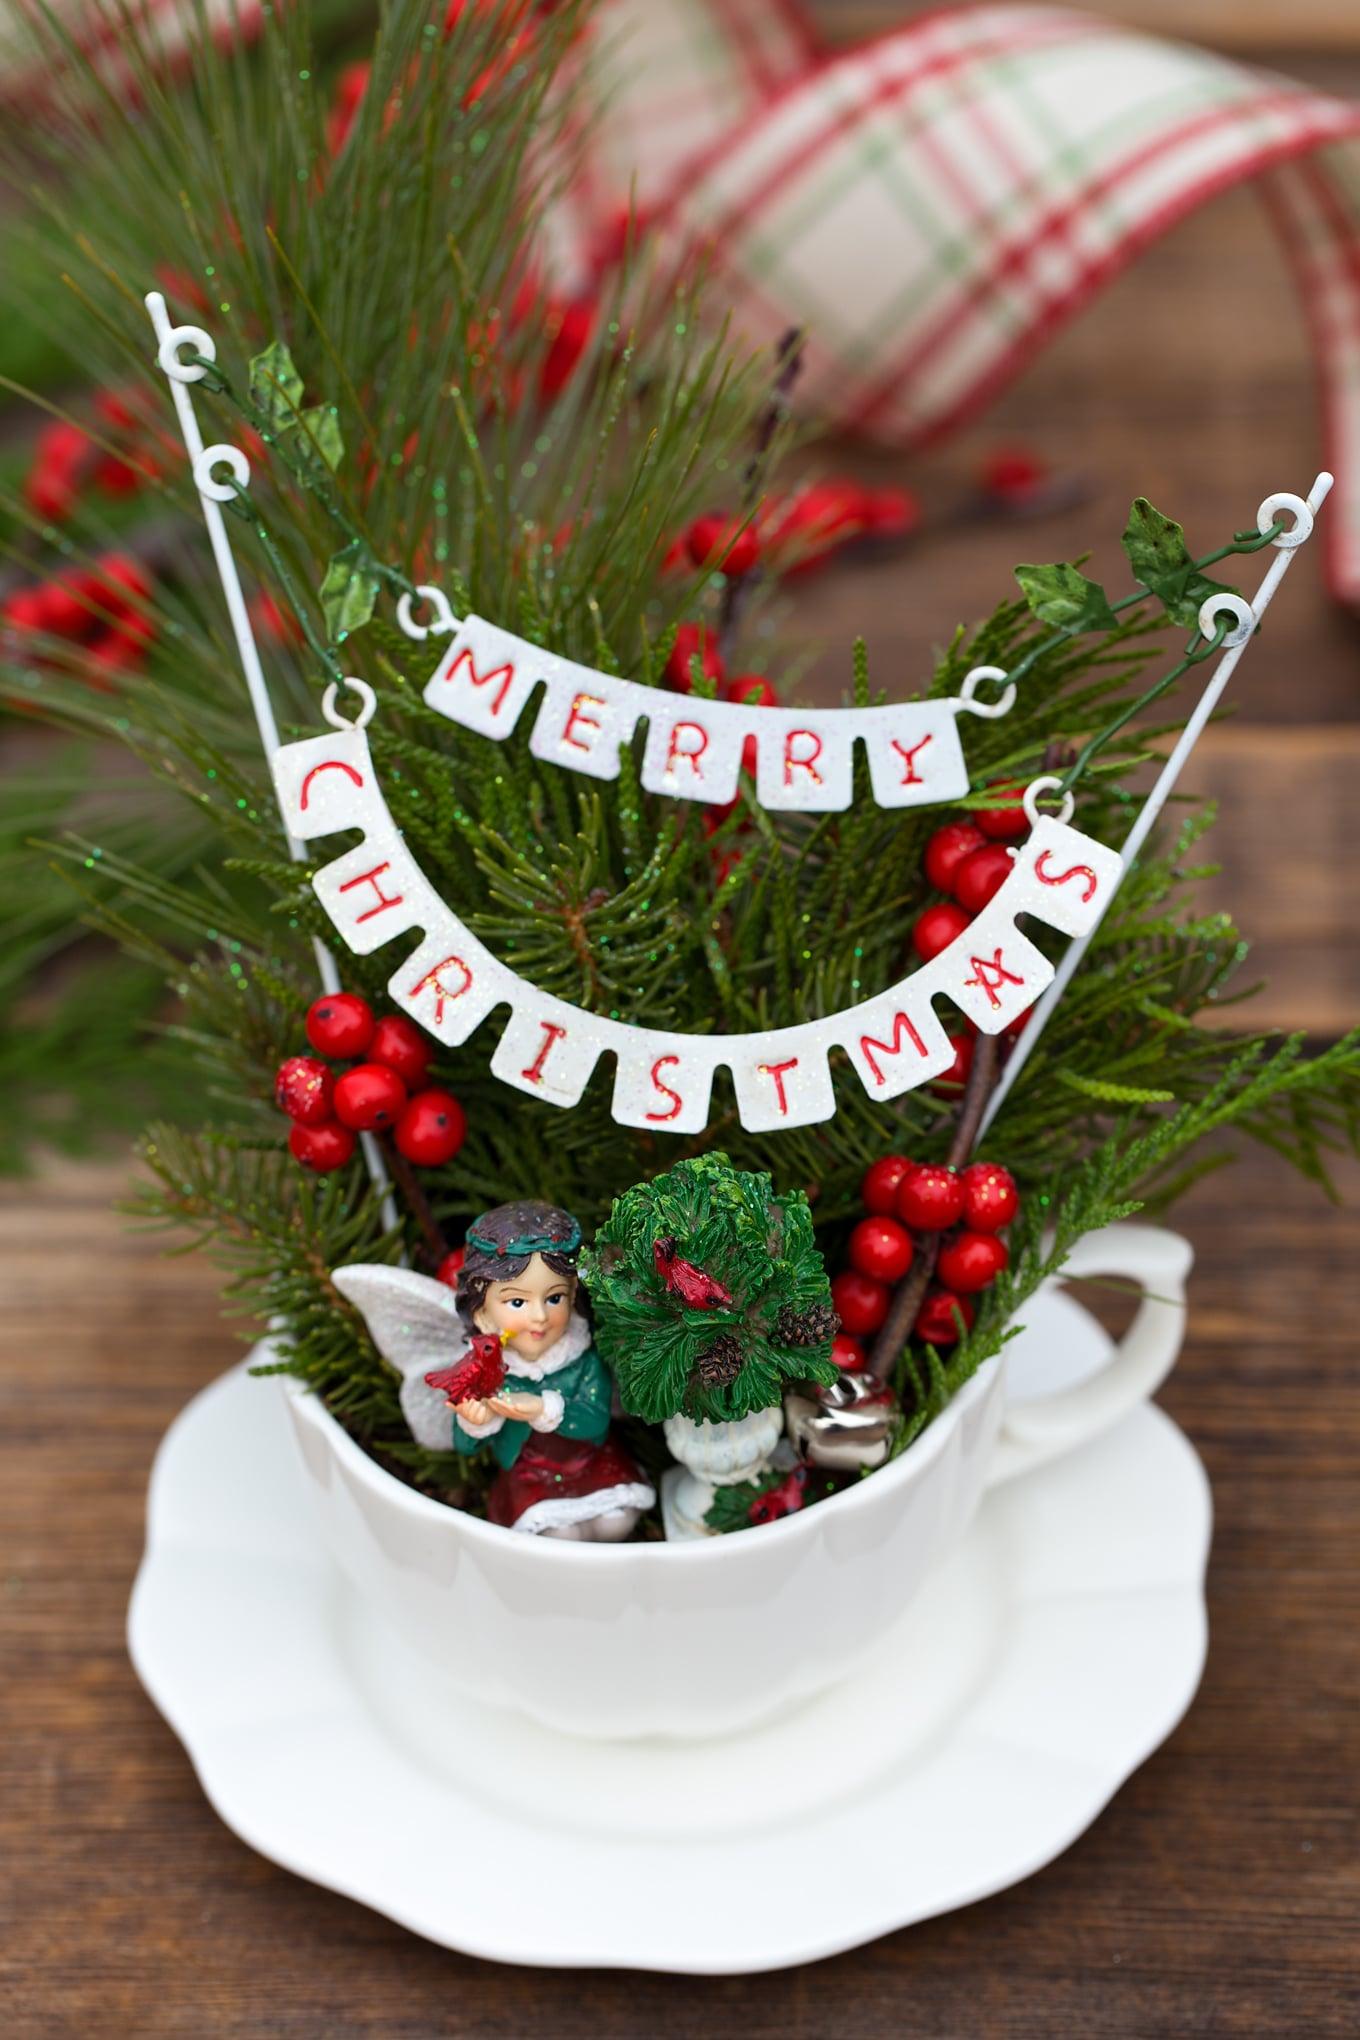 How to Make an Adorable Christmas Teacup Garden